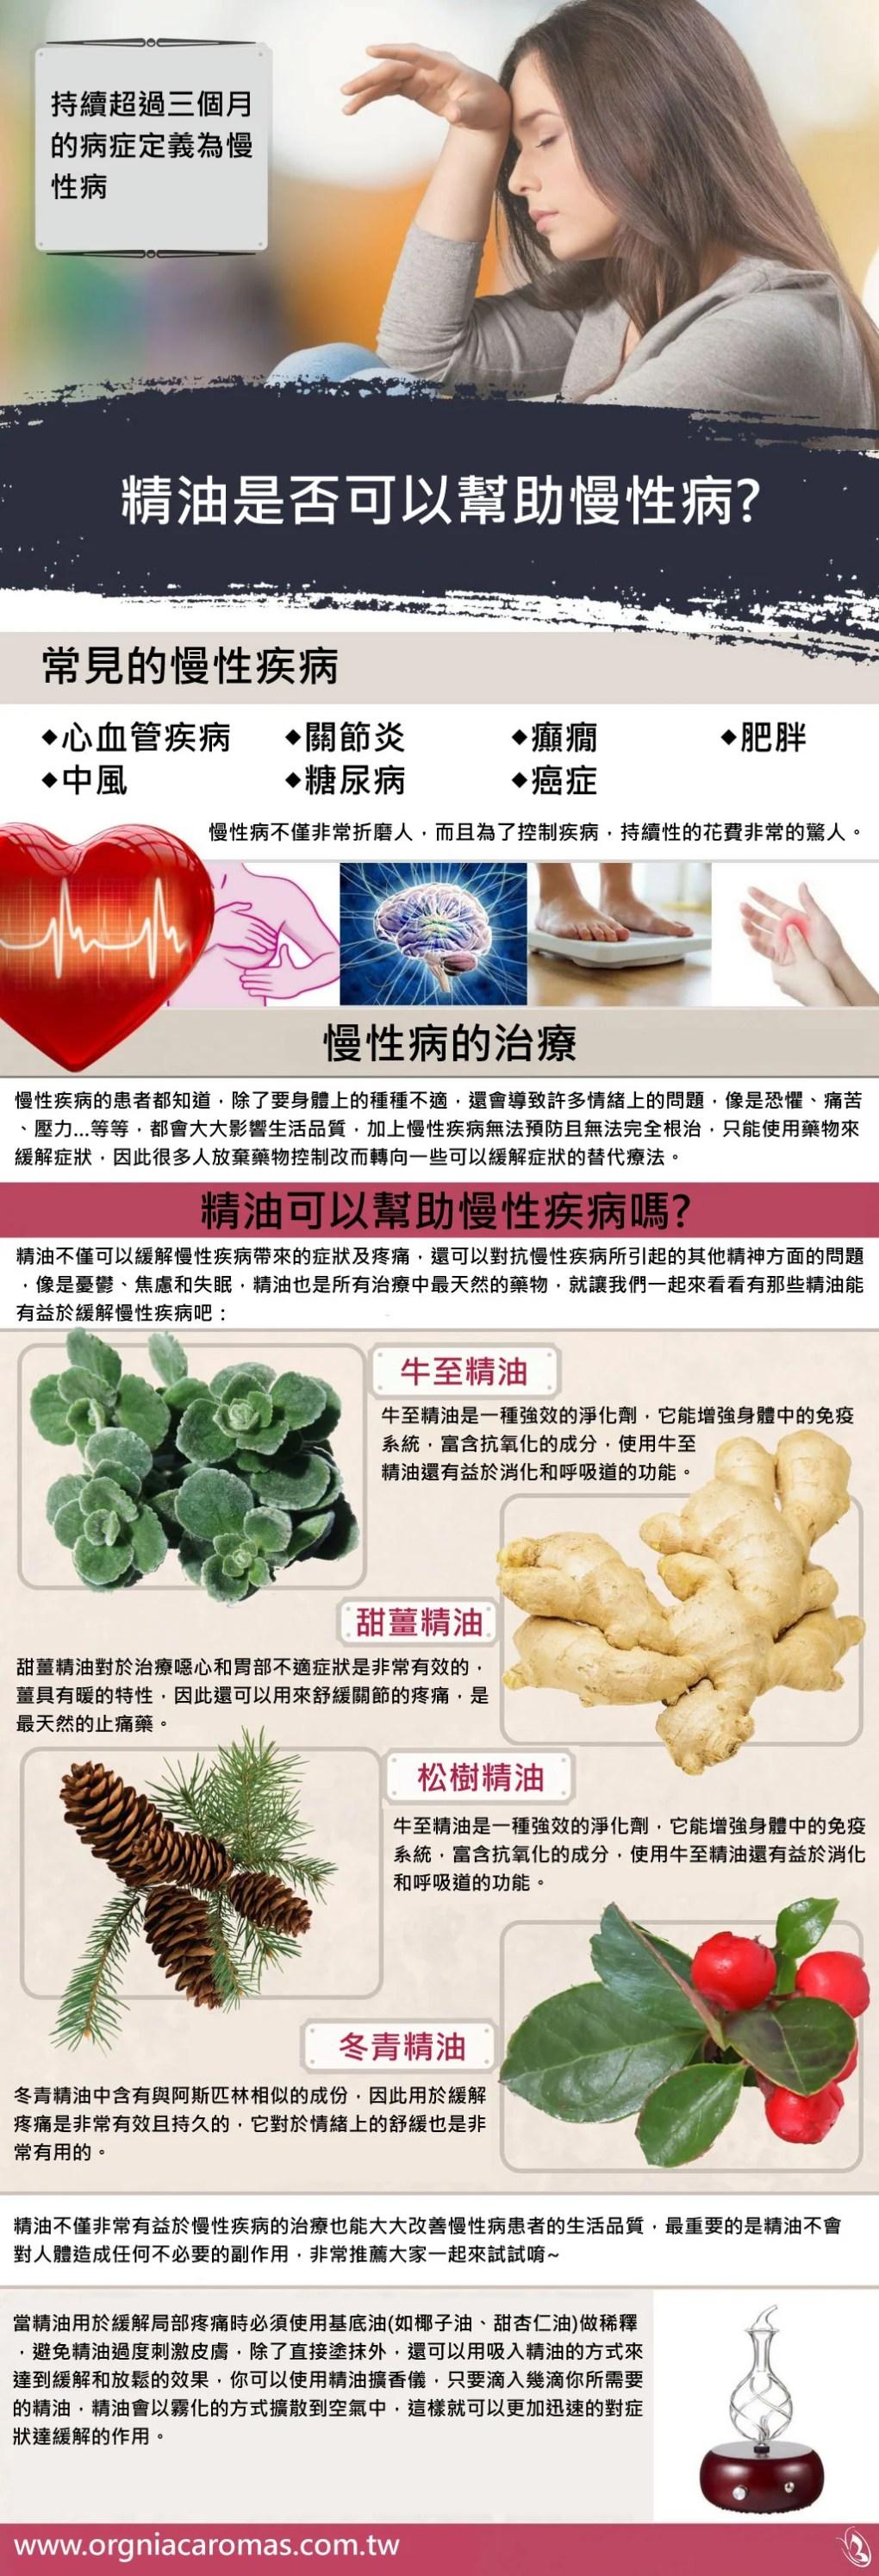 改善慢性病